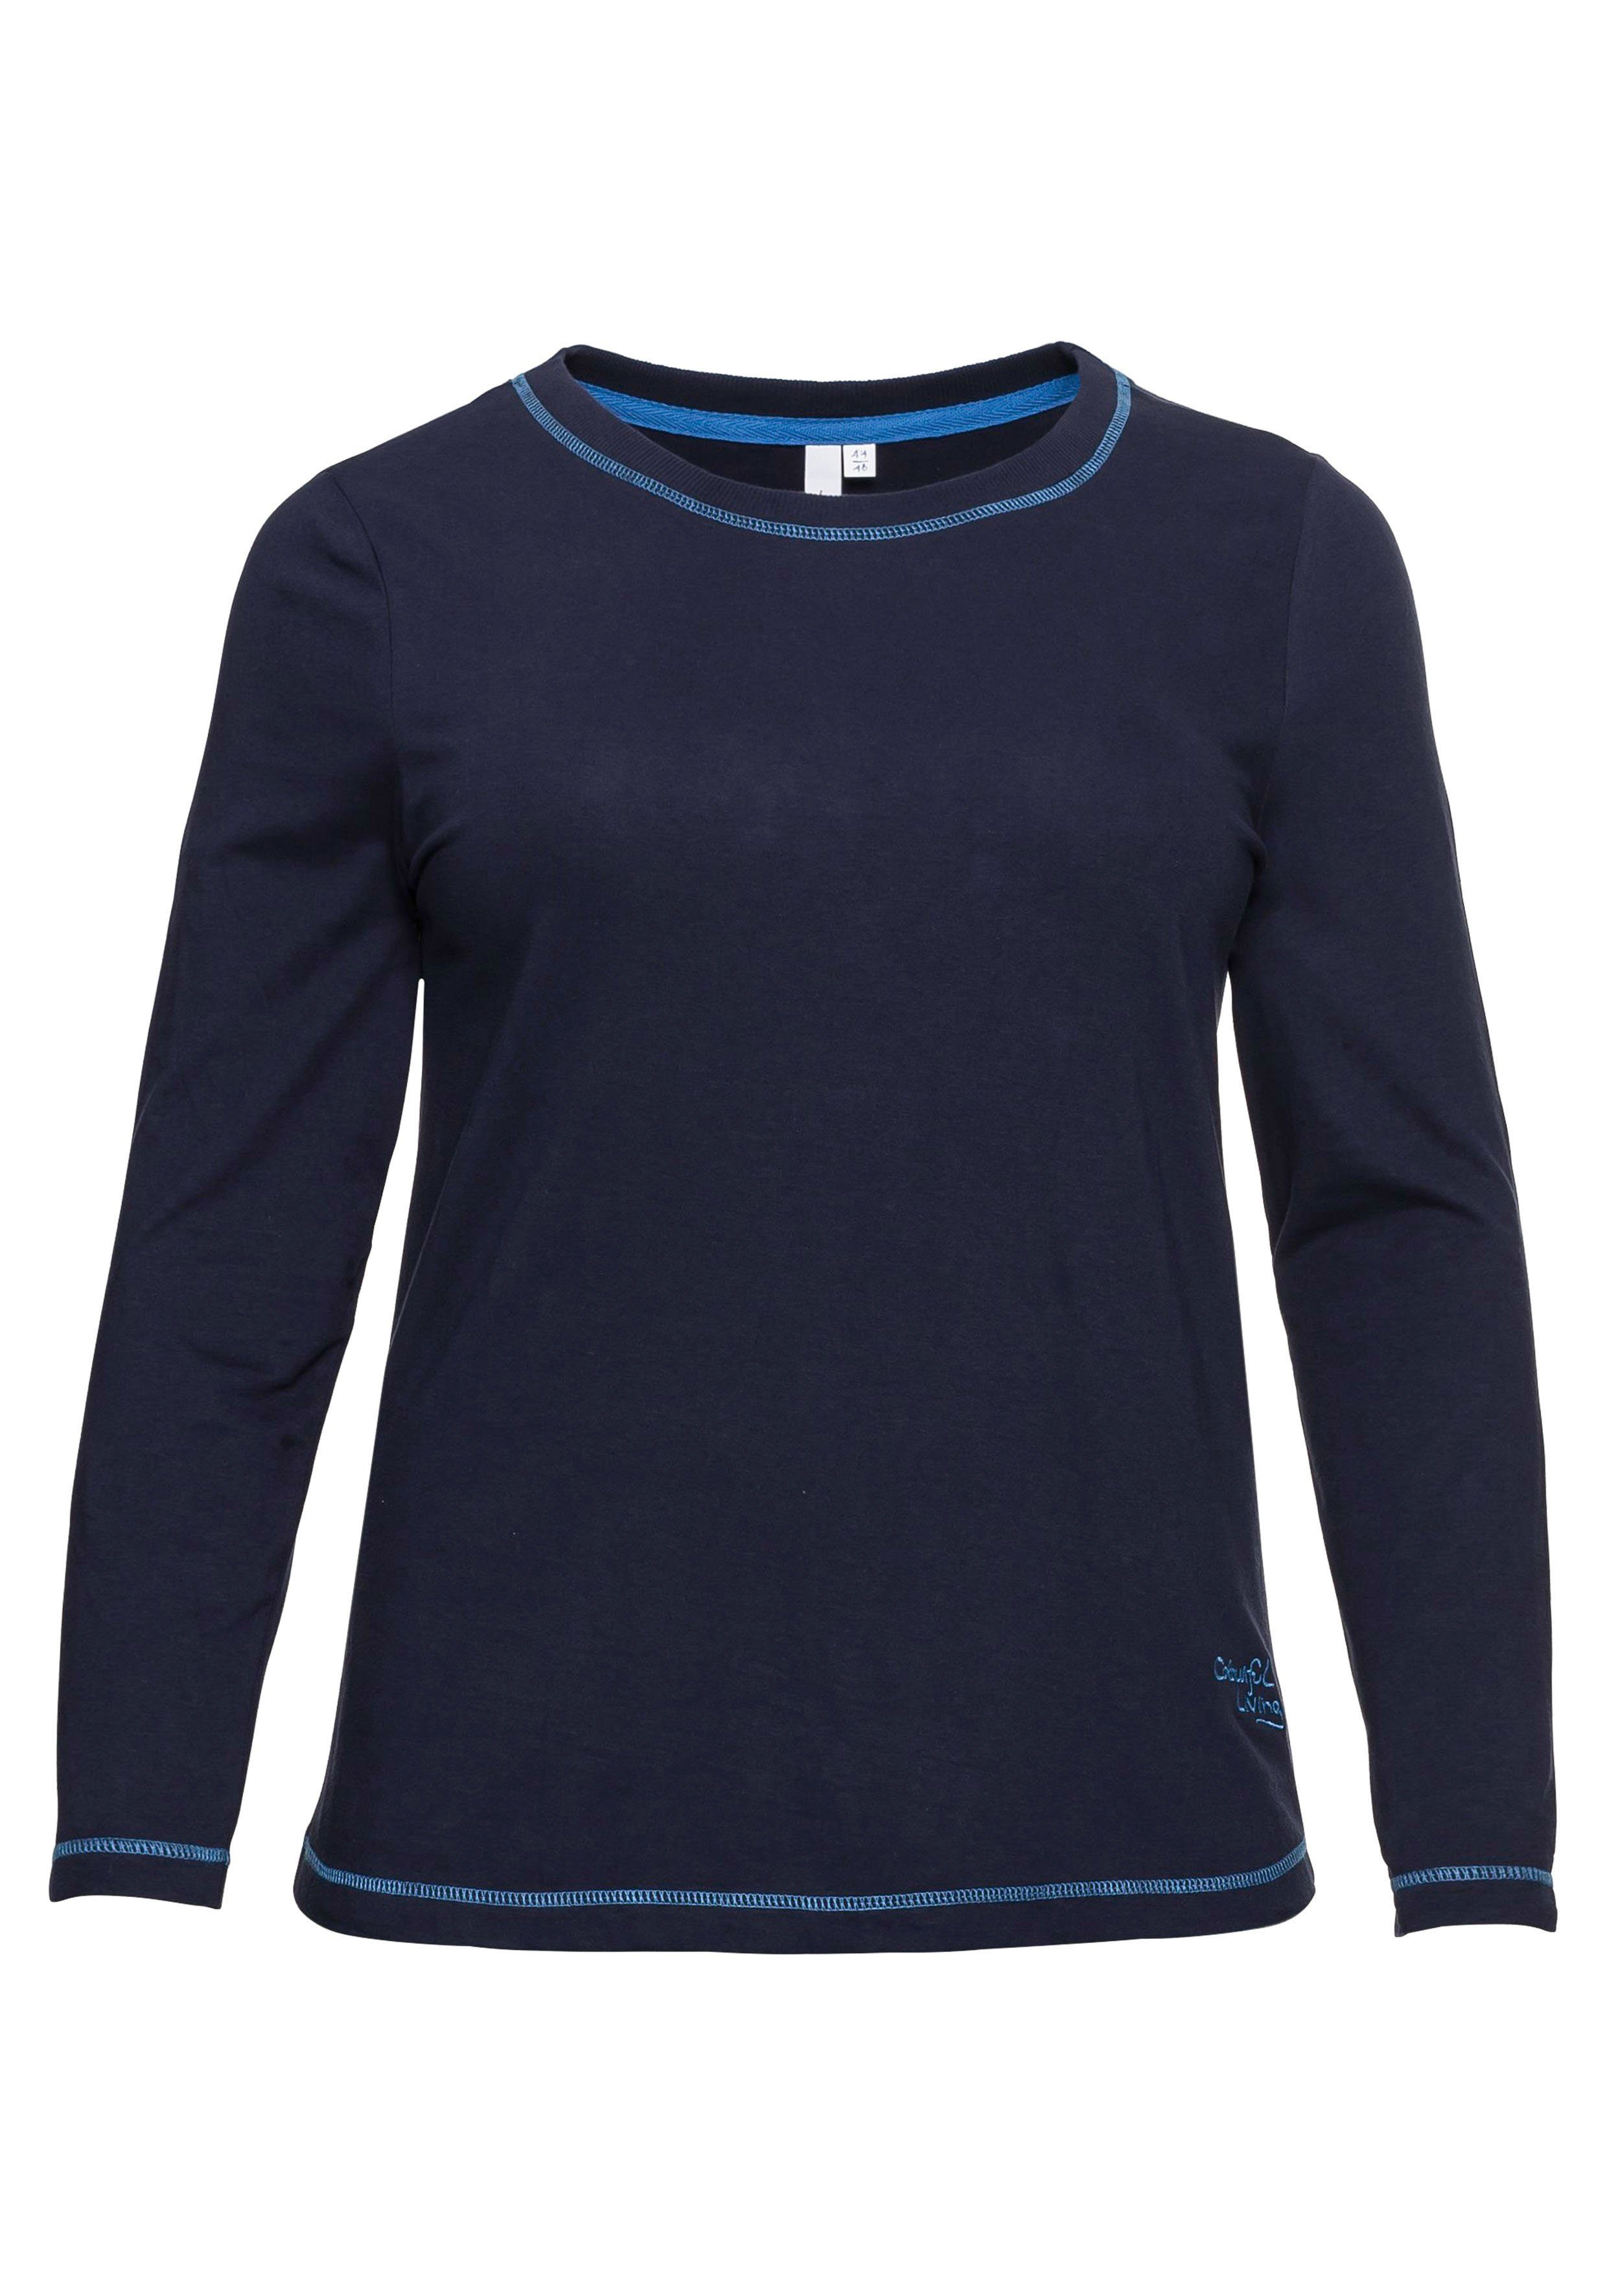 Sheego Casual Shirt Met Lange Mouwen In De Online Winkel - Geweldige Prijs